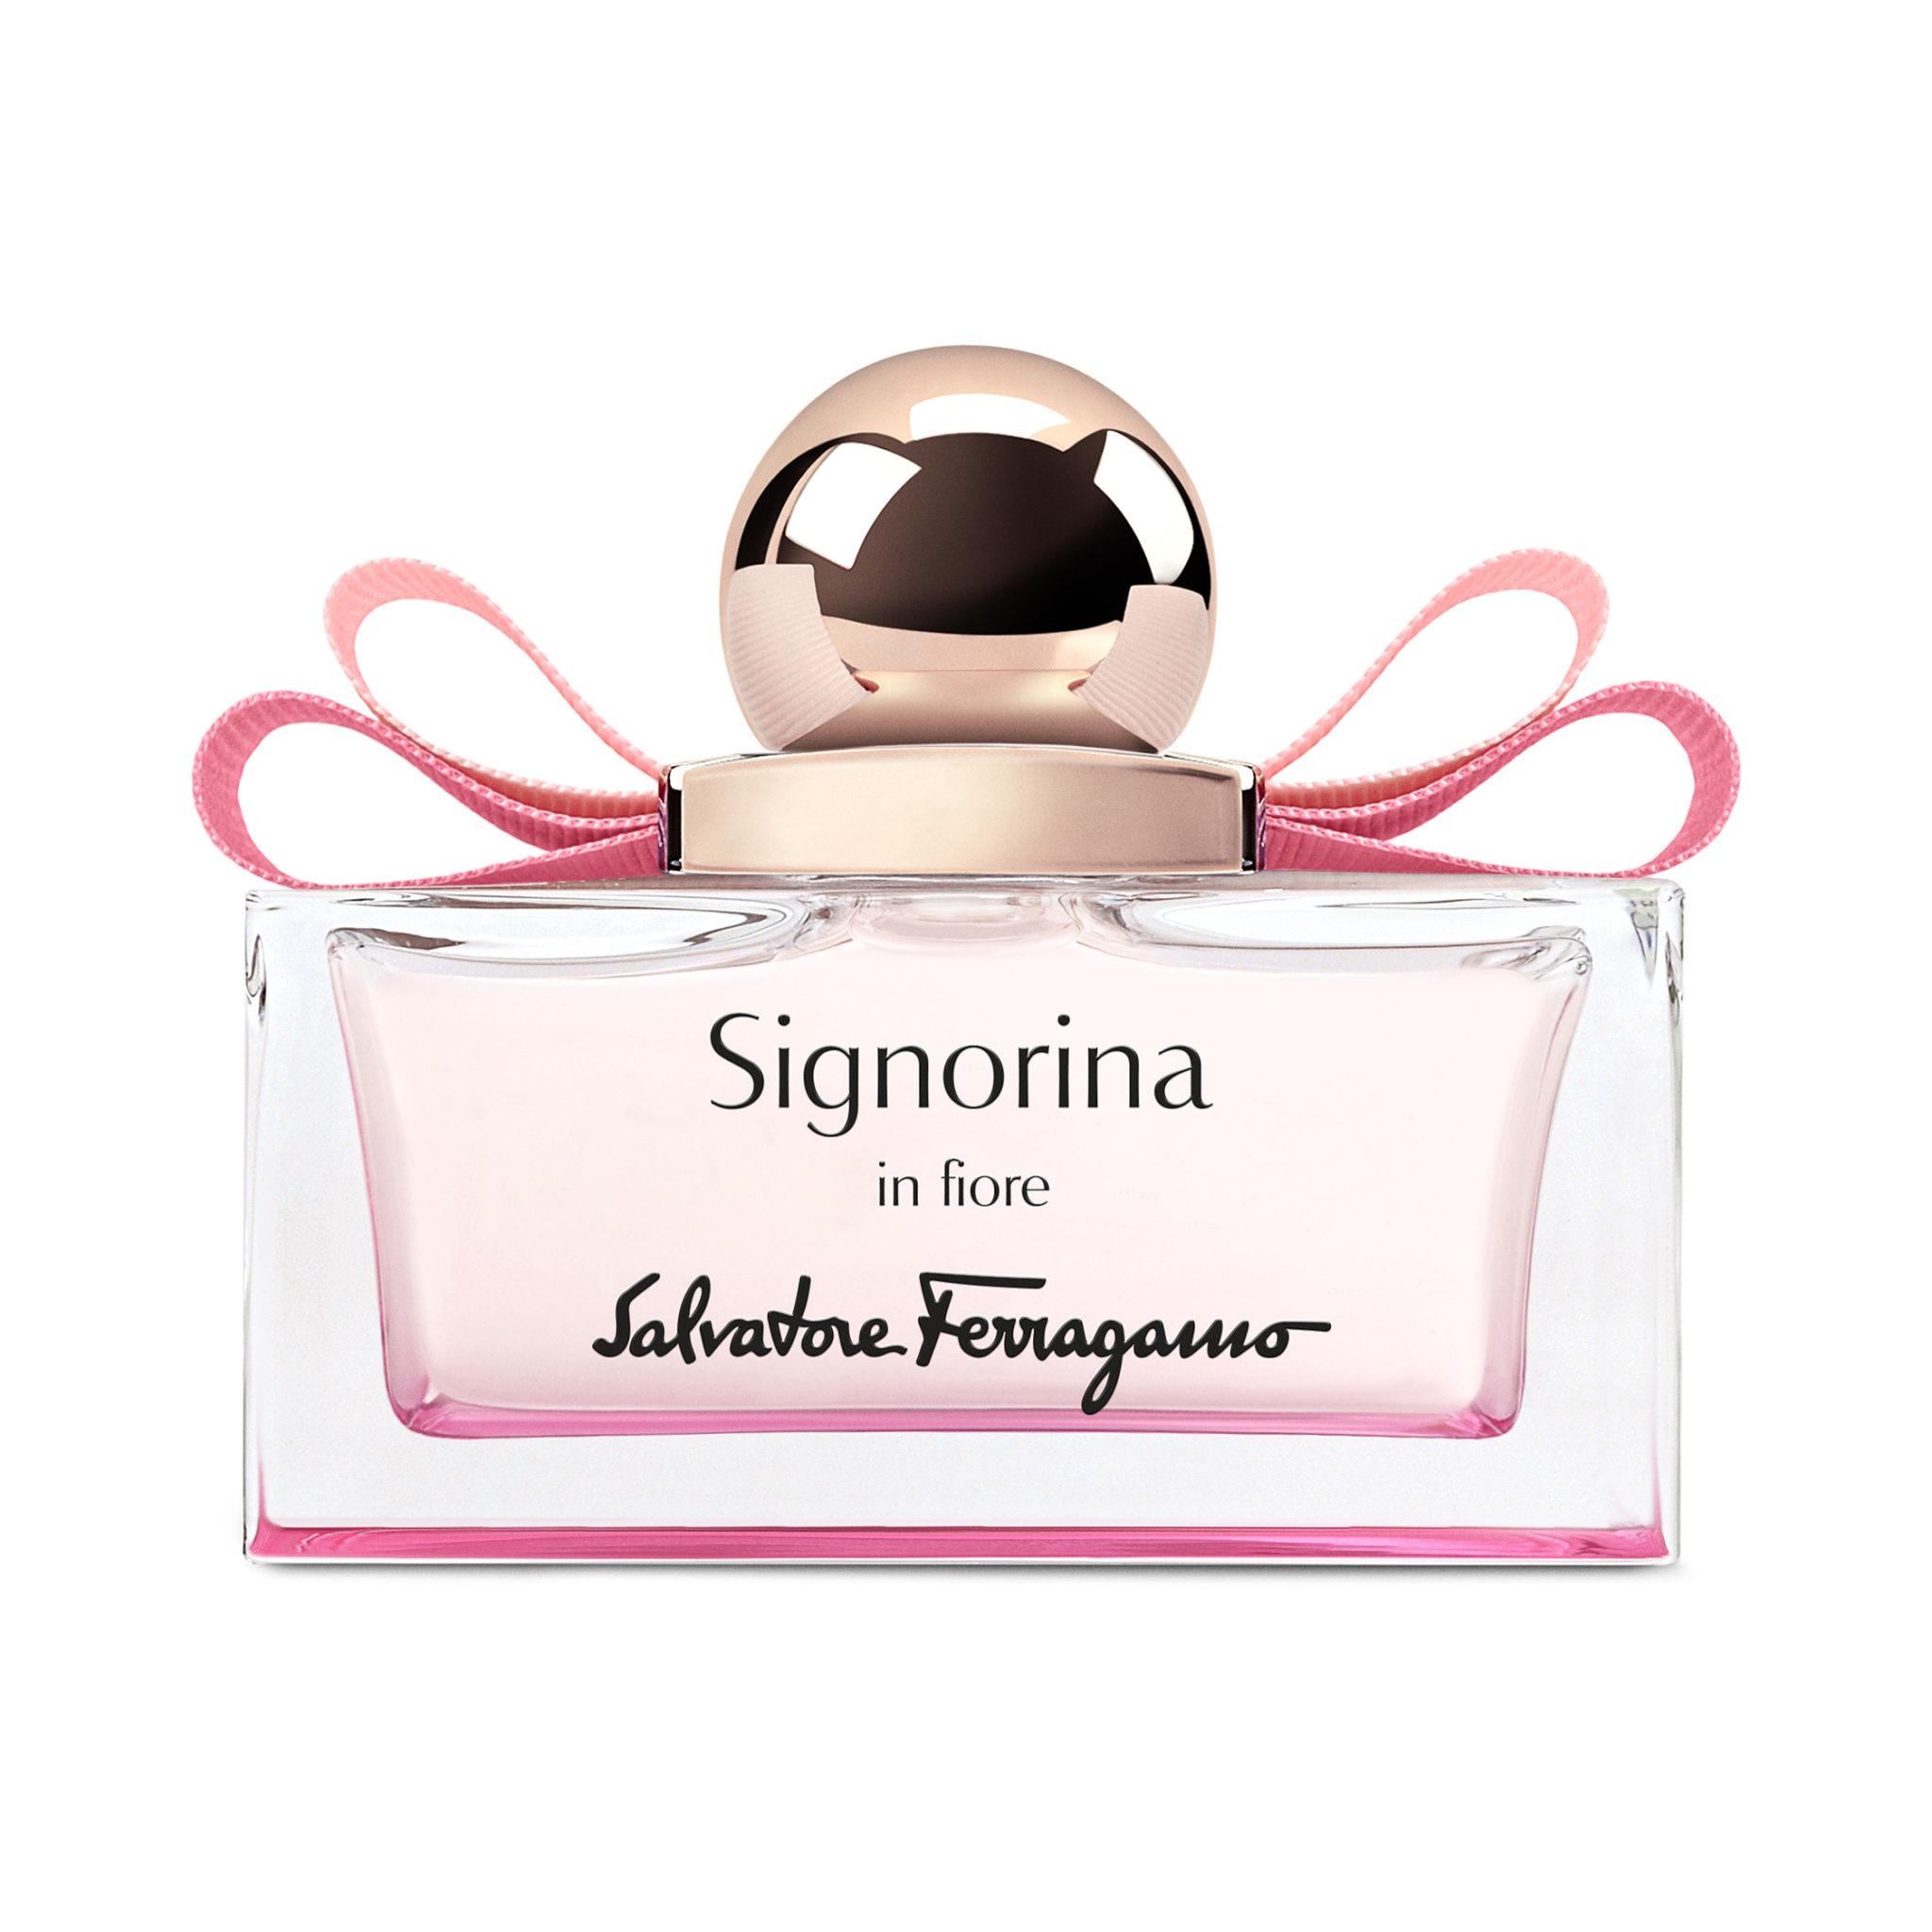 Salvatore Ferragamo Signorina in Fiore_Miglior profumo made in Italy femminile